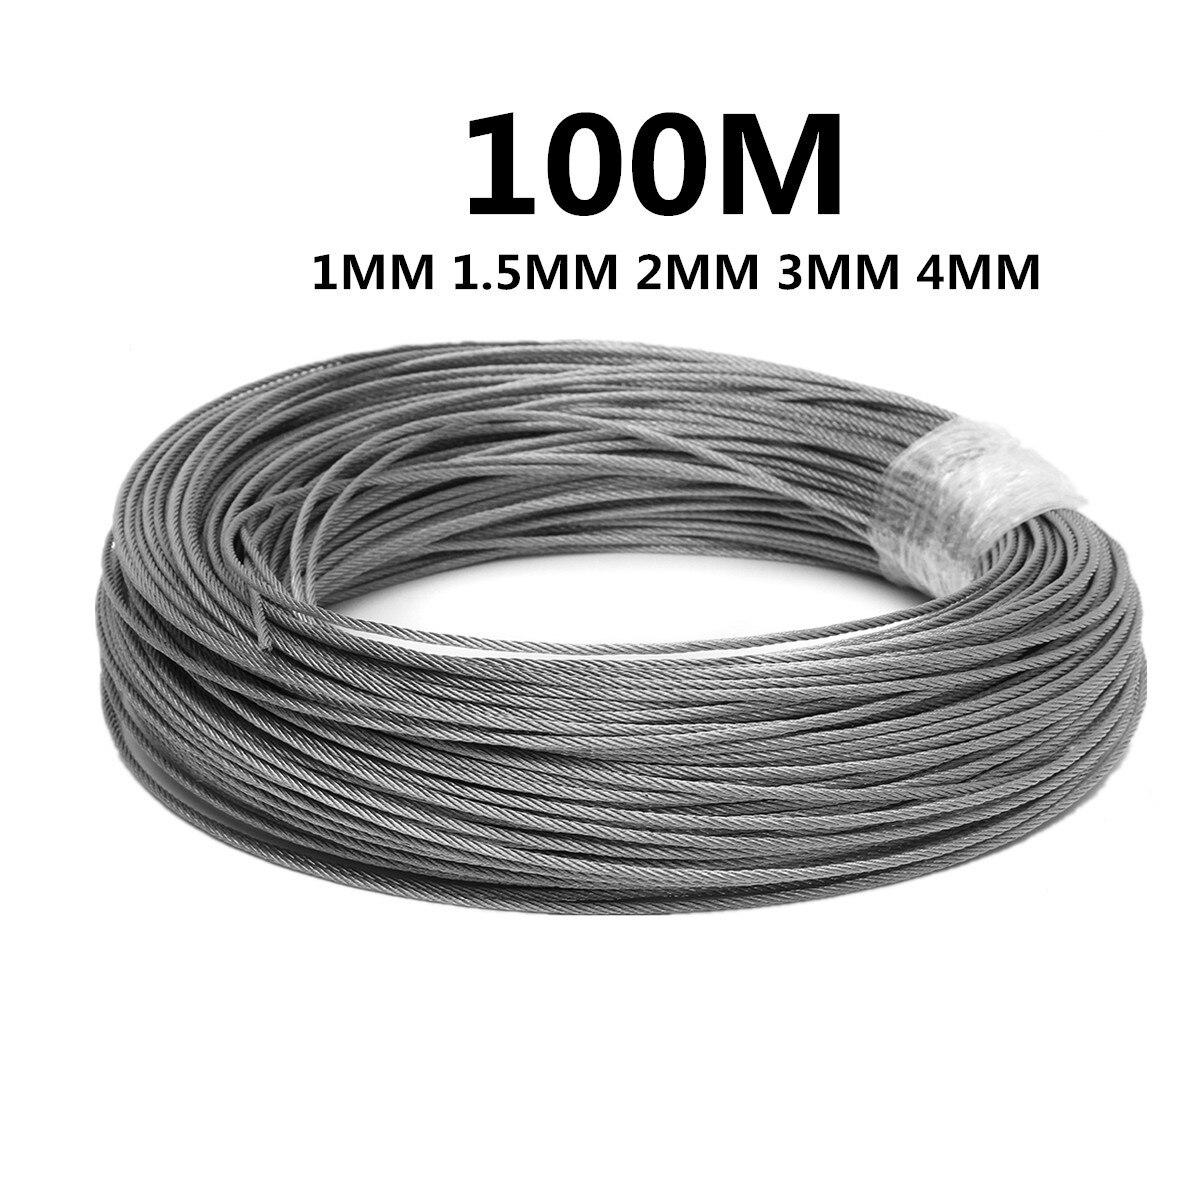 100 m 50m304 de aço inoxidável 1mm 1.5mm 2mm diâmetro fio de aço desencapado corda linha cabo de levantamento varal rustproof 7x7